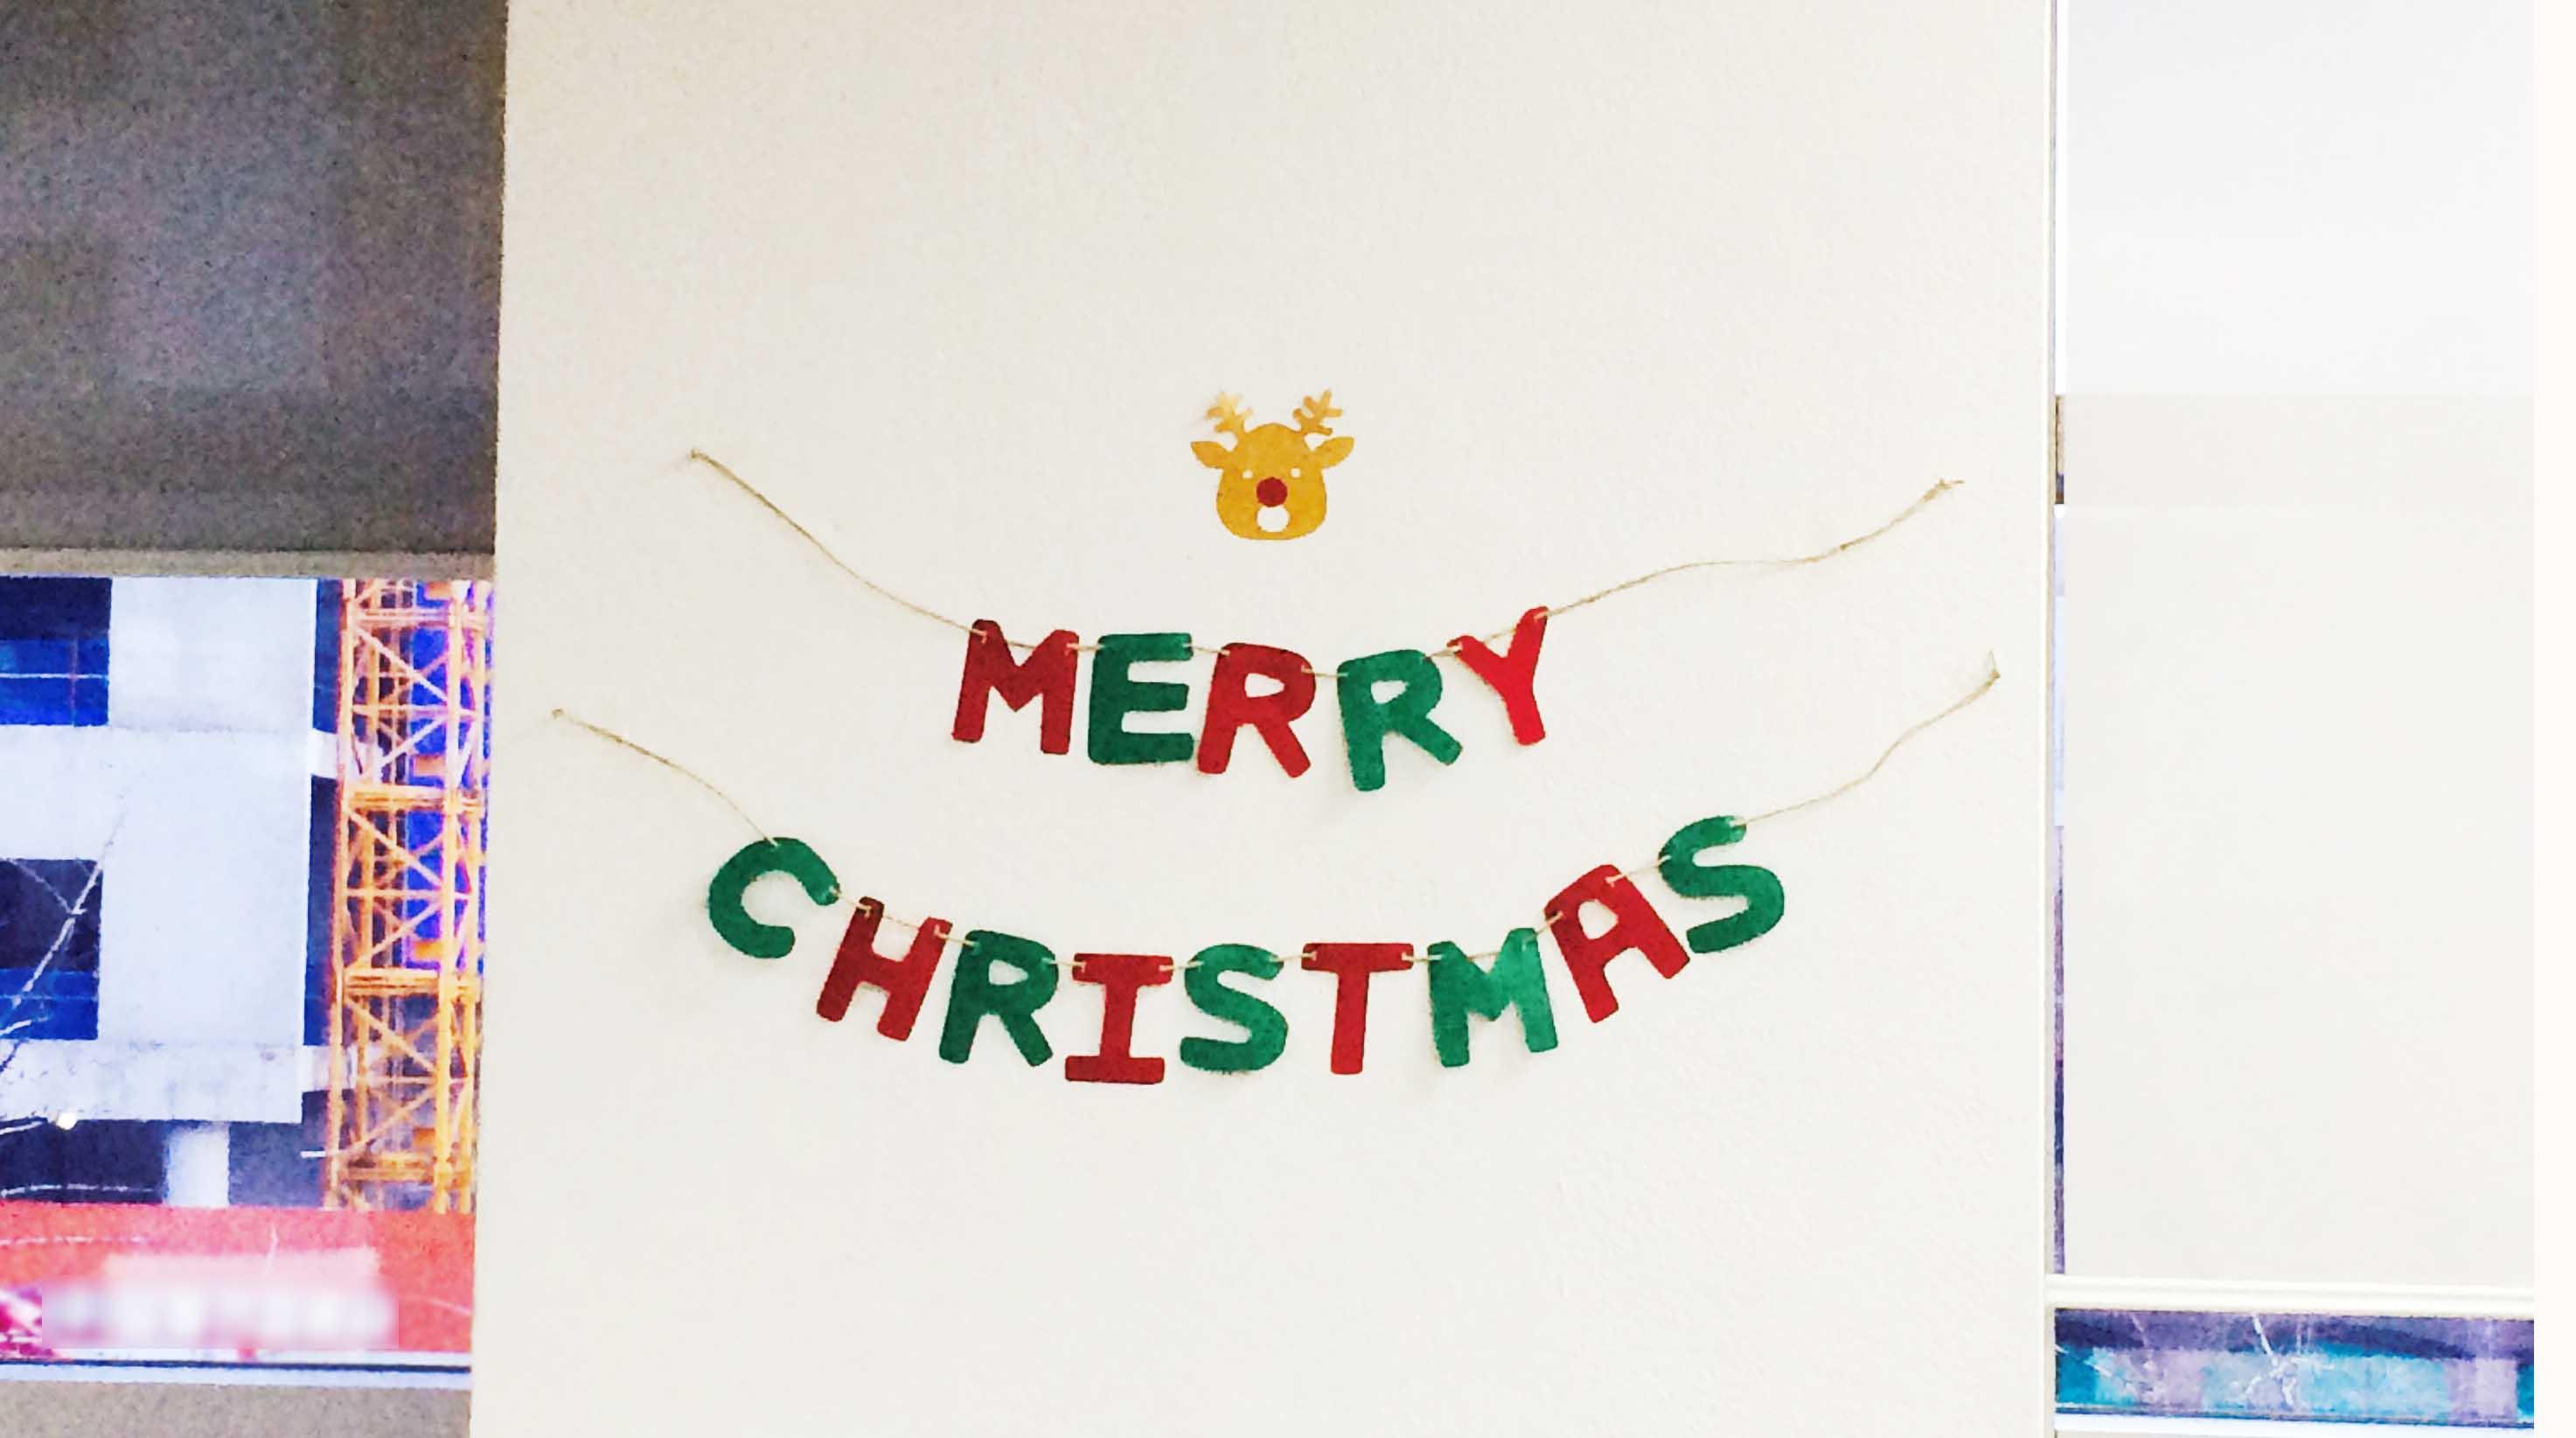 掛在辦公室的牆上,是不是瞬間就有聖誕節的感覺呢♪♪♪♪